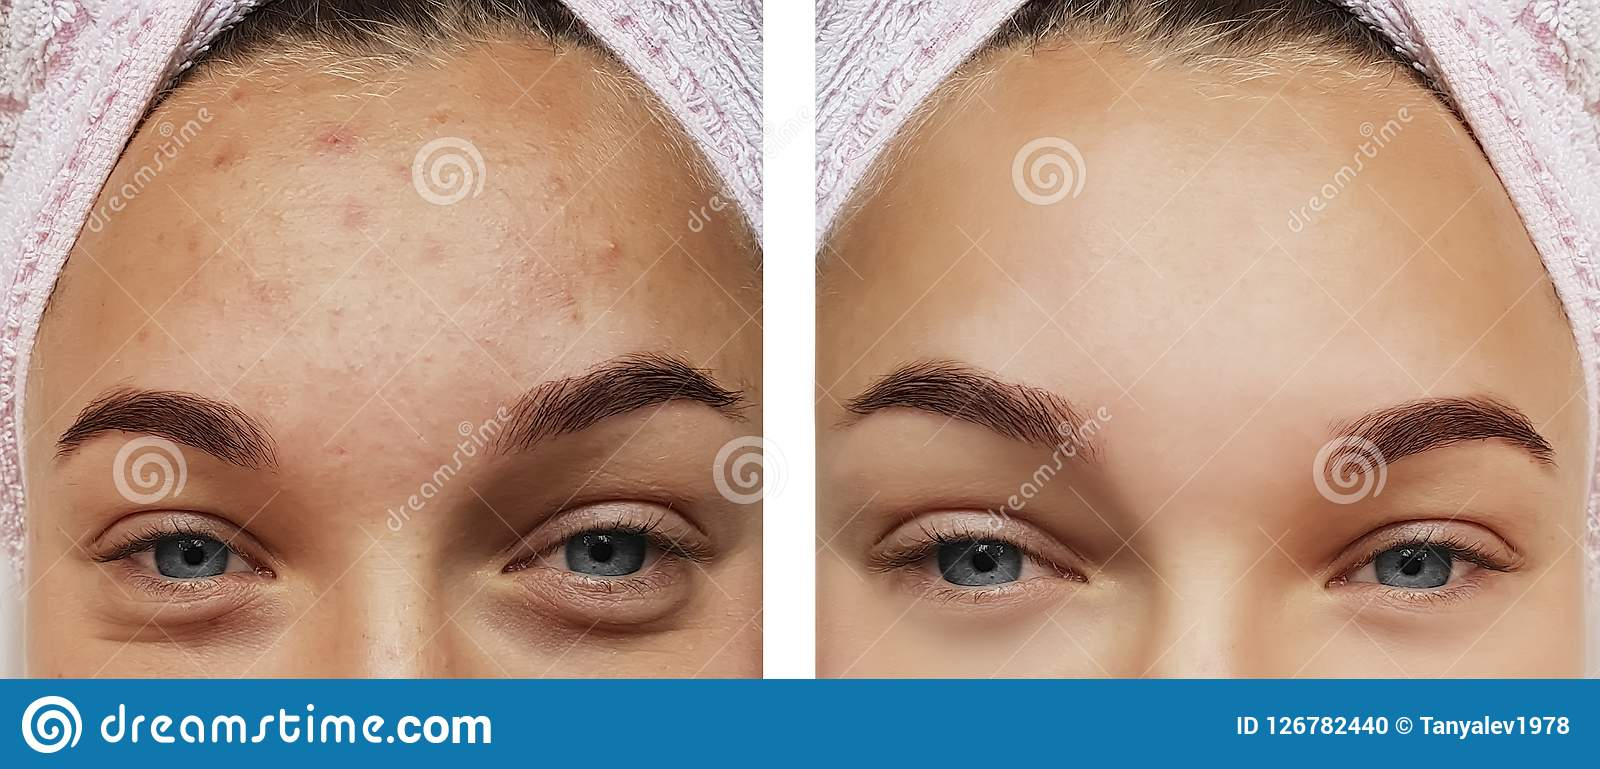 Κινηματογράφηση σε πρώτο πλάνο θεραπείας ματιών κοριτσιών, αφαίρεση πριν και μετά από τις διαδικασίες, ακμή θεραπείας